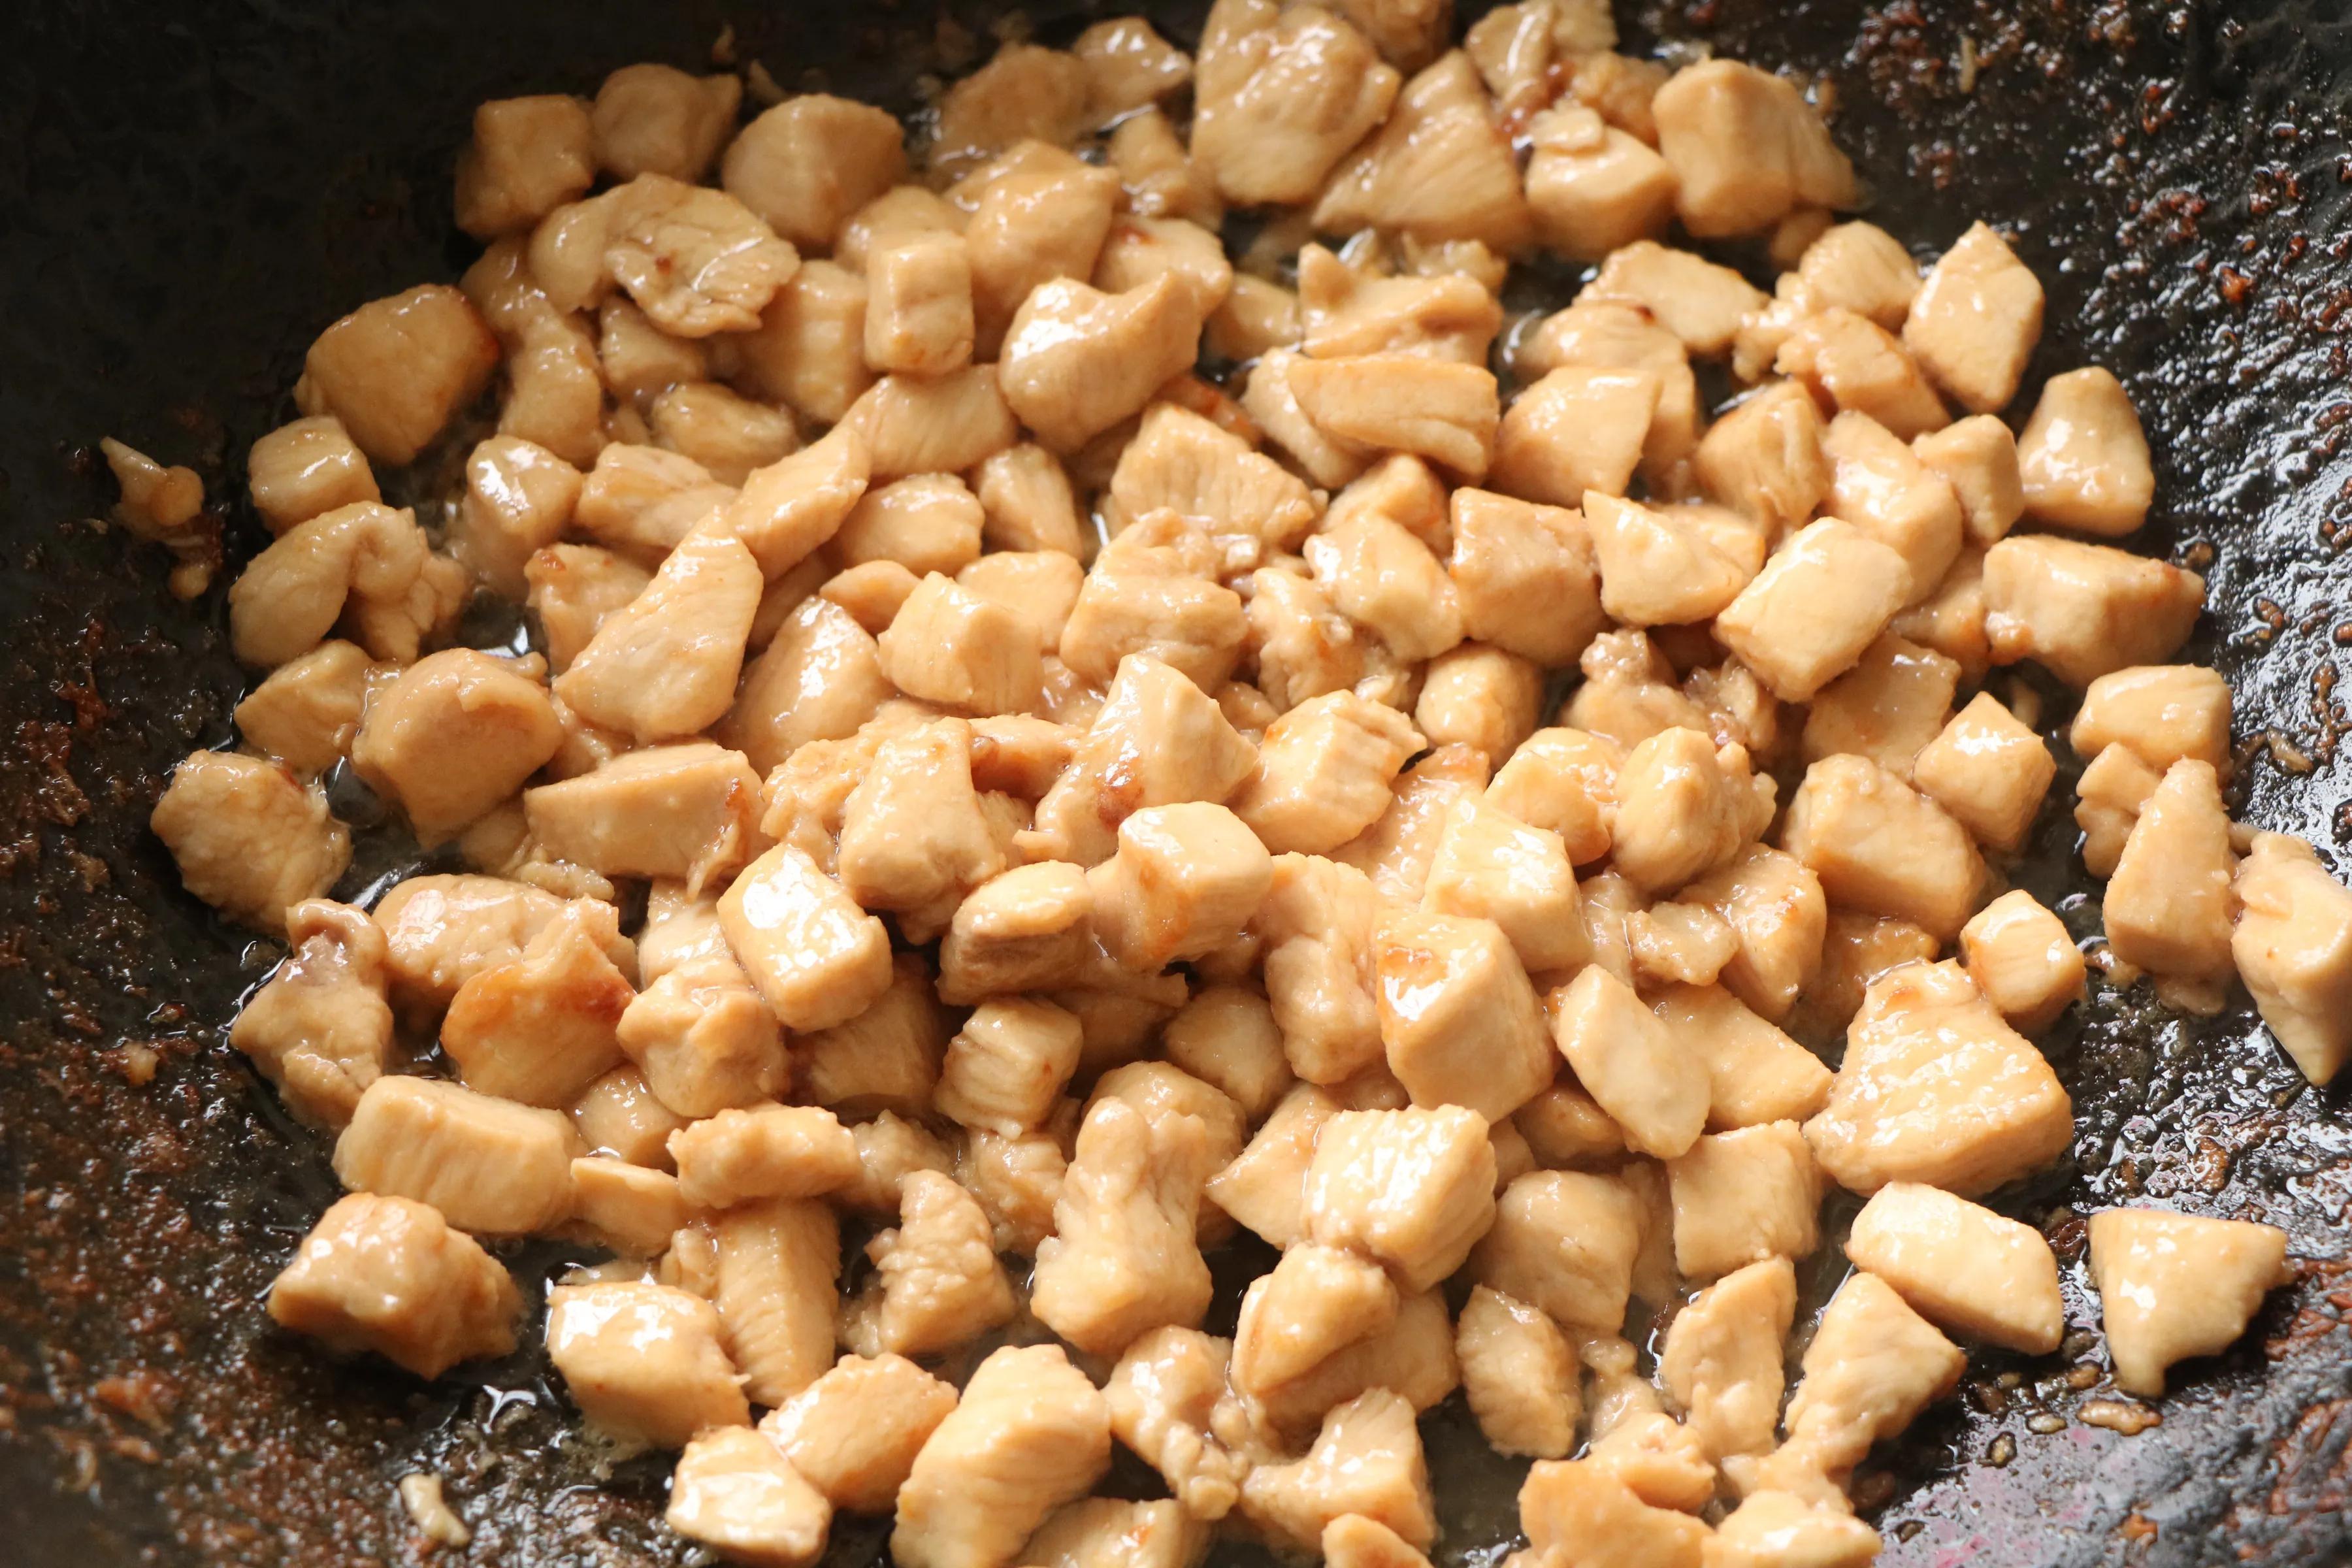 这3样食材一起炒太下饭了,鲜香味美,低油低脂,2碗米饭不过瘾 美食做法 第8张